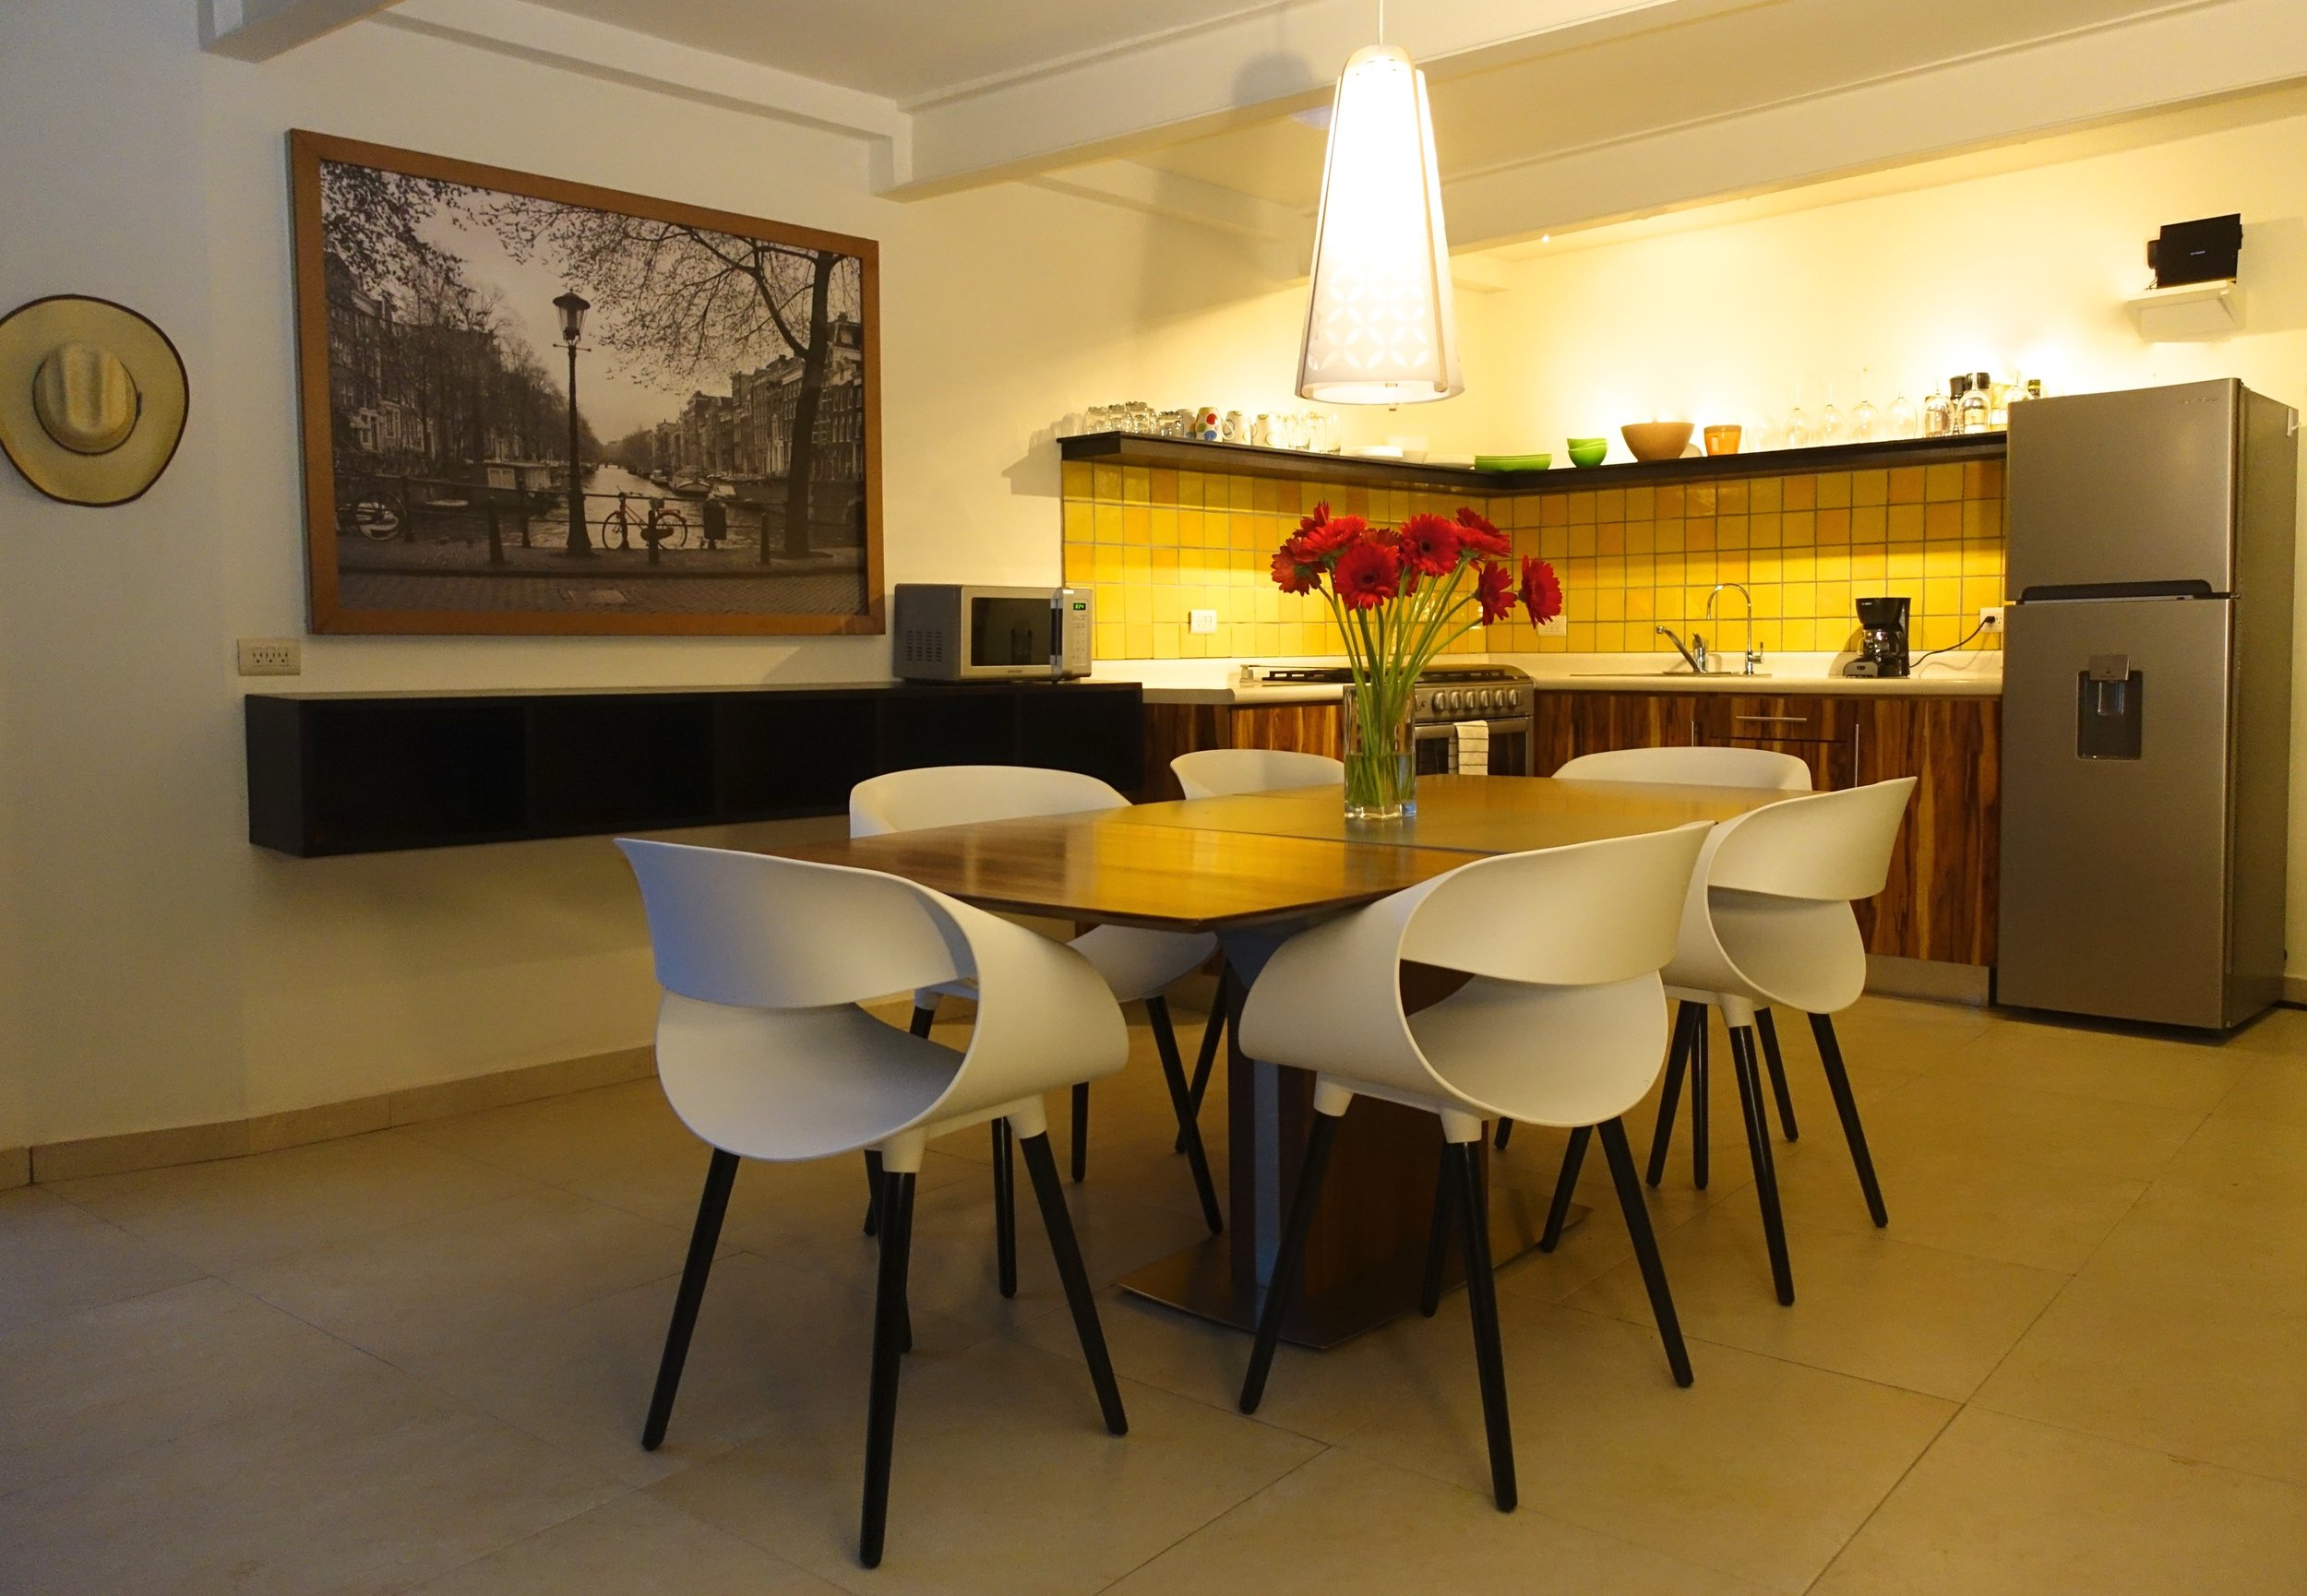 Picasso kitchen.jpg